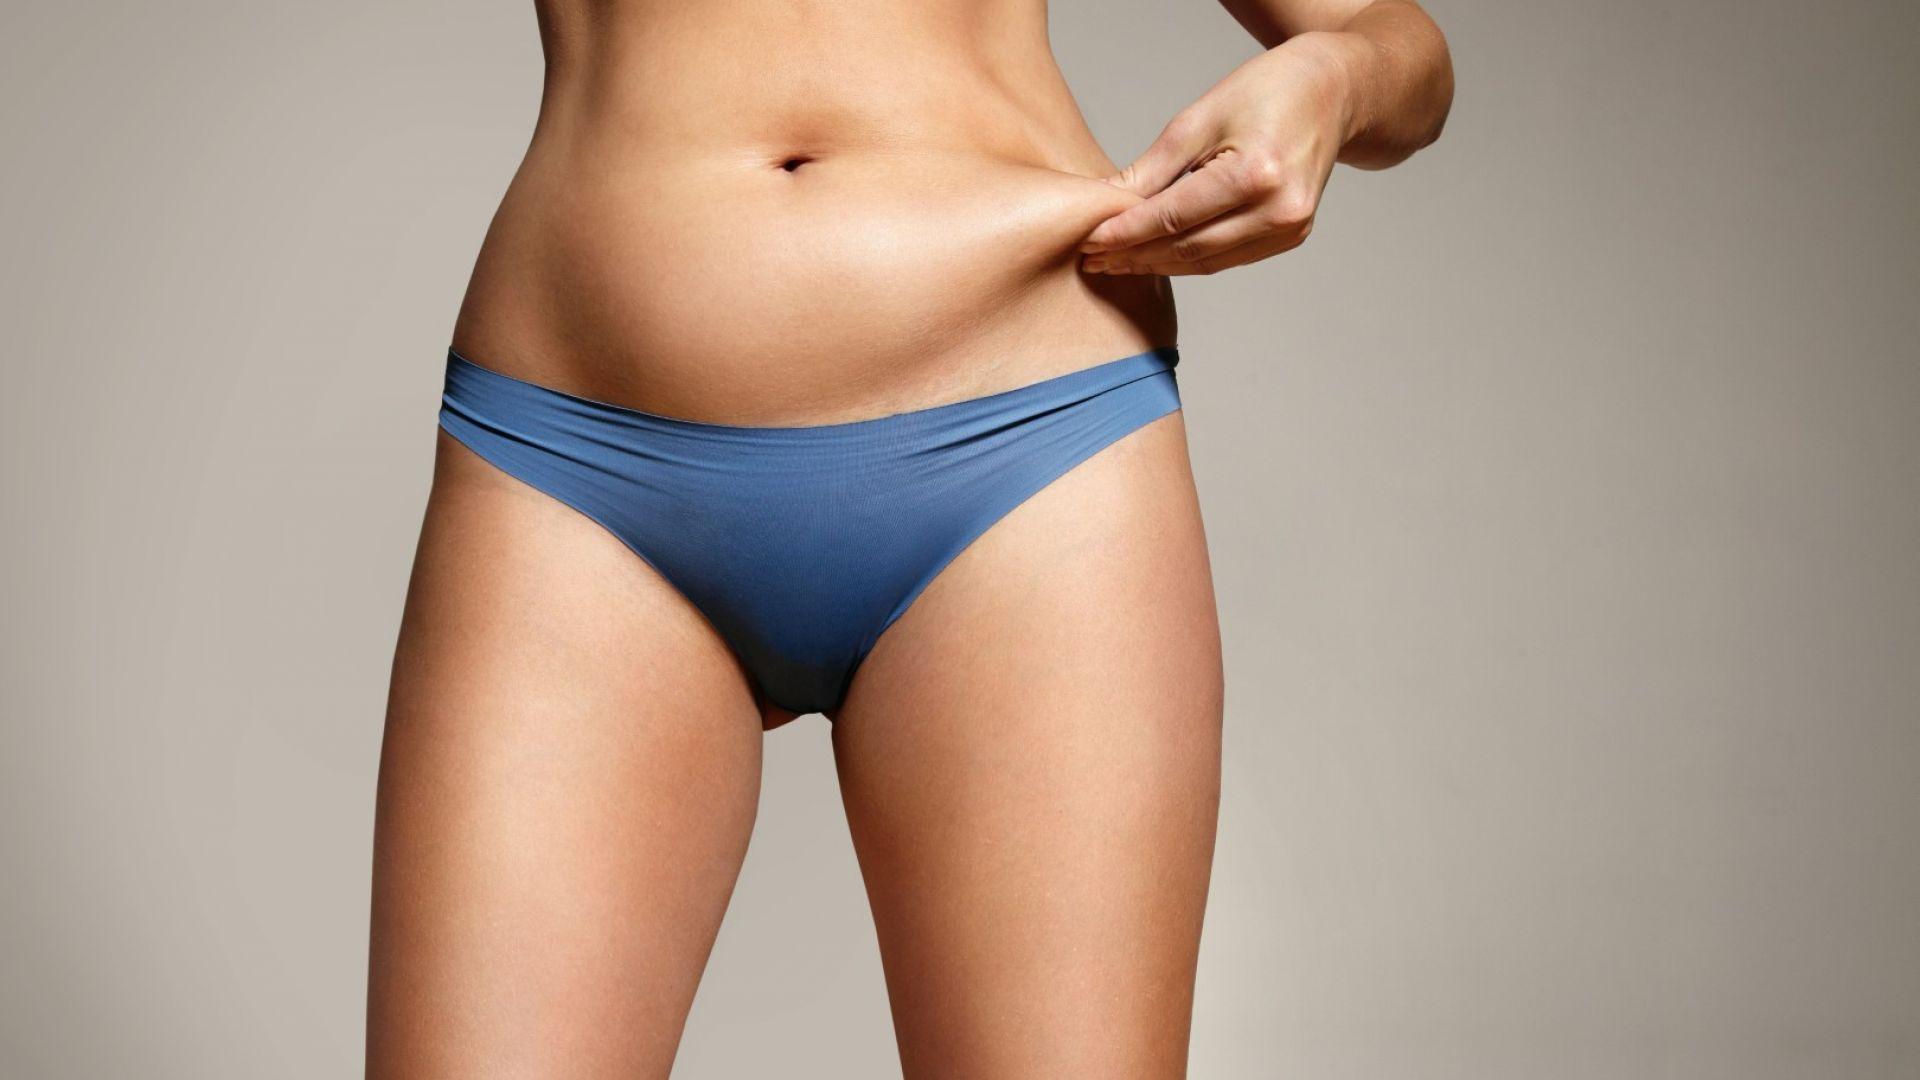 Ударните диети увеличават коремните мазнини и отслабват мускулатурата